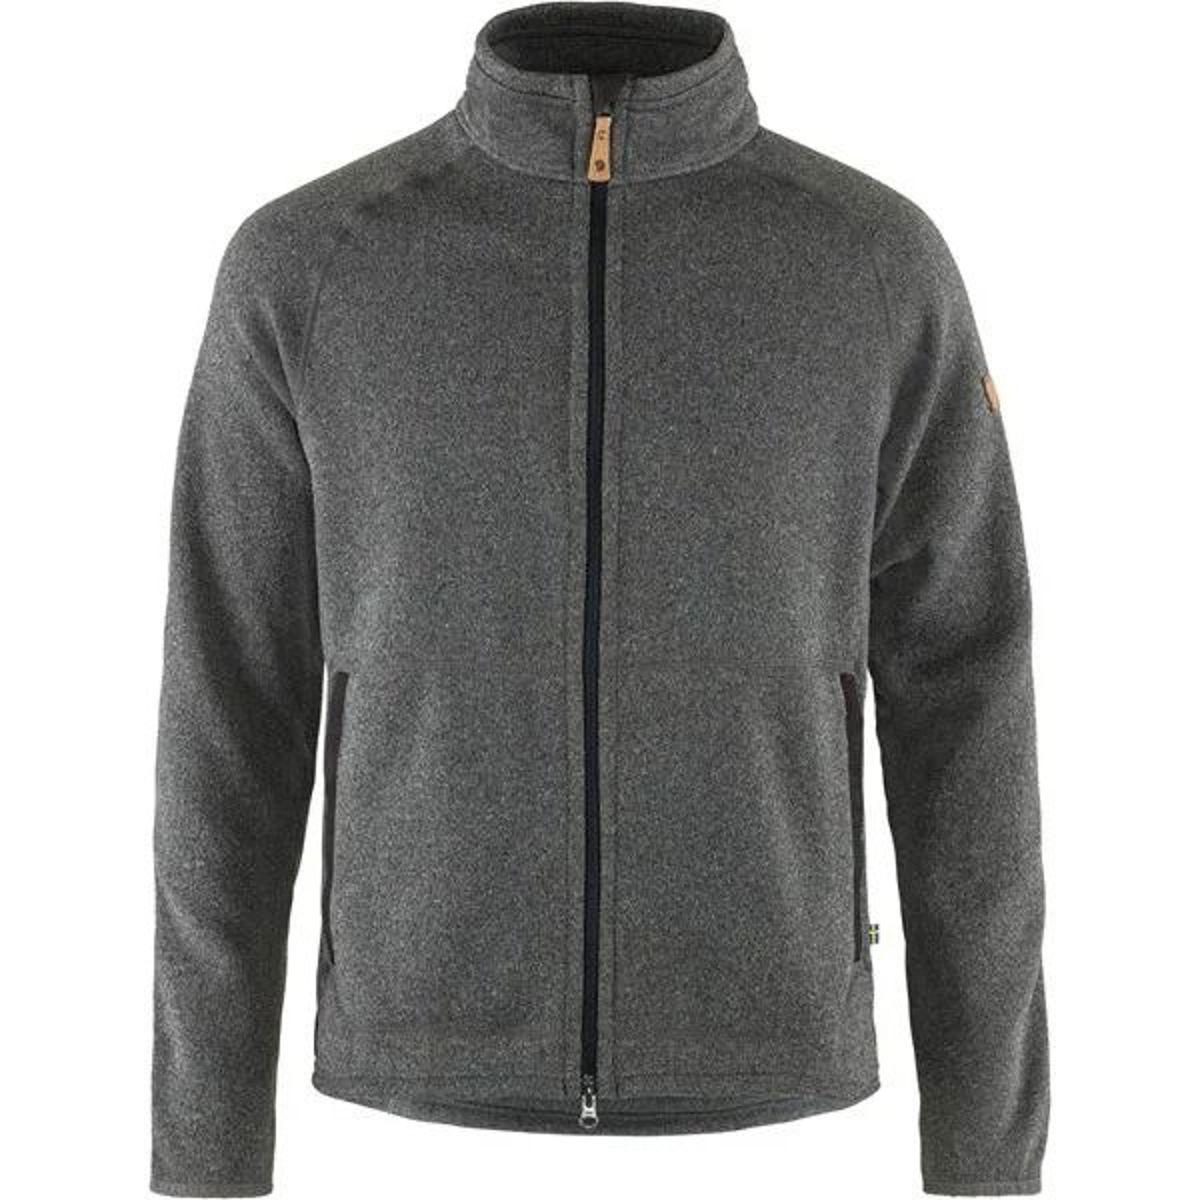 Fjällräven övik fleece vest dark grey xl